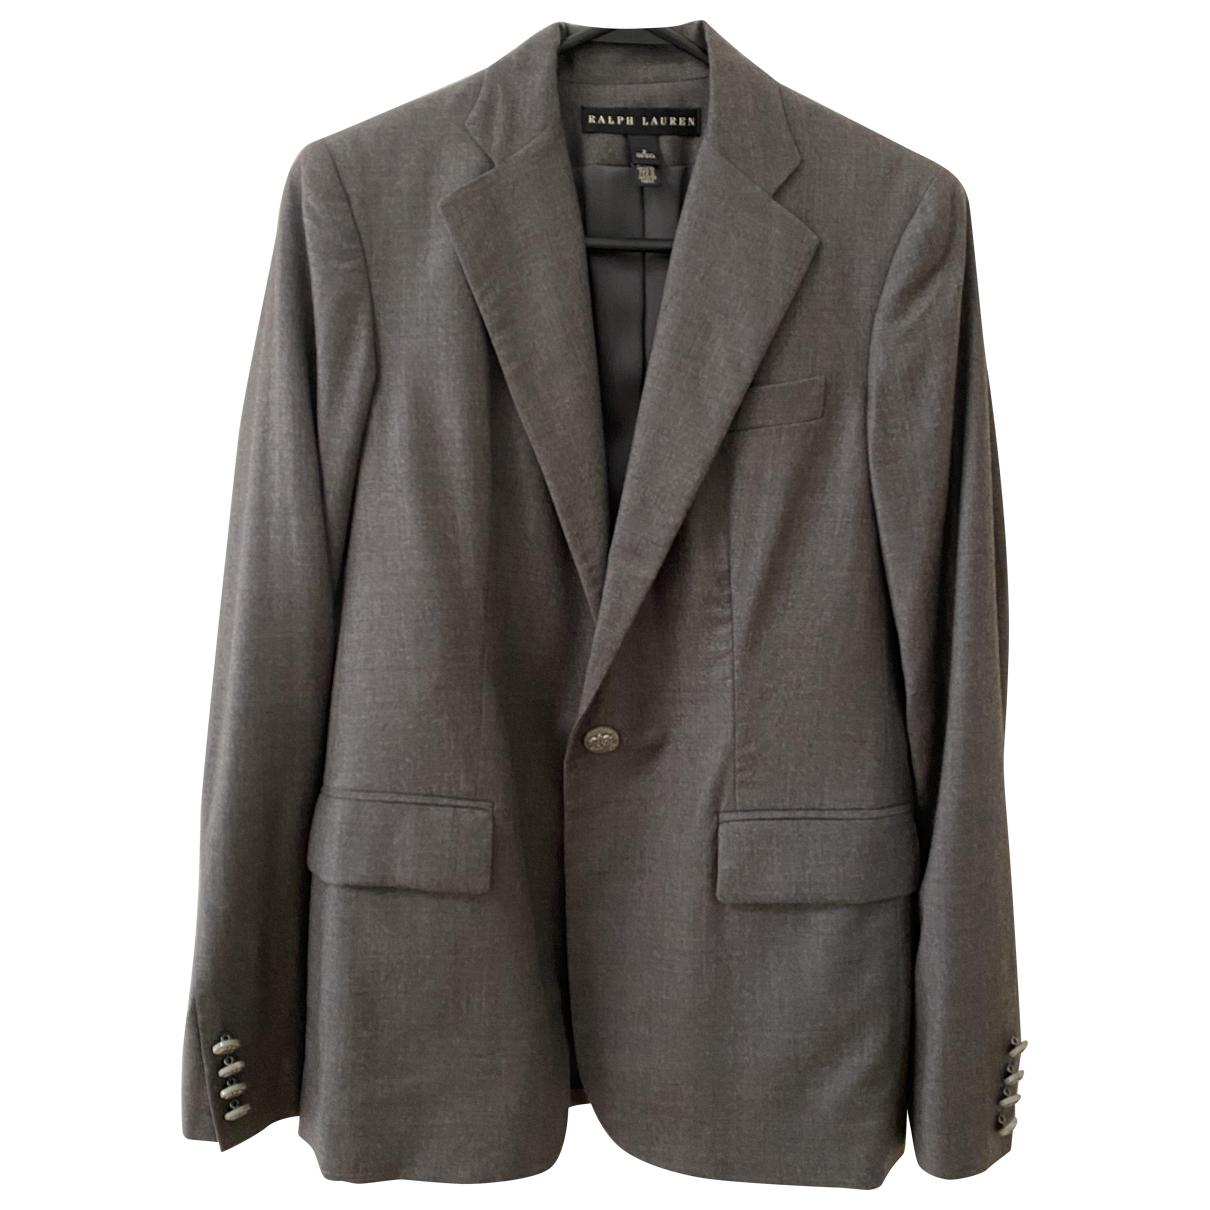 Ralph Lauren \N Jacke in  Grau Wolle